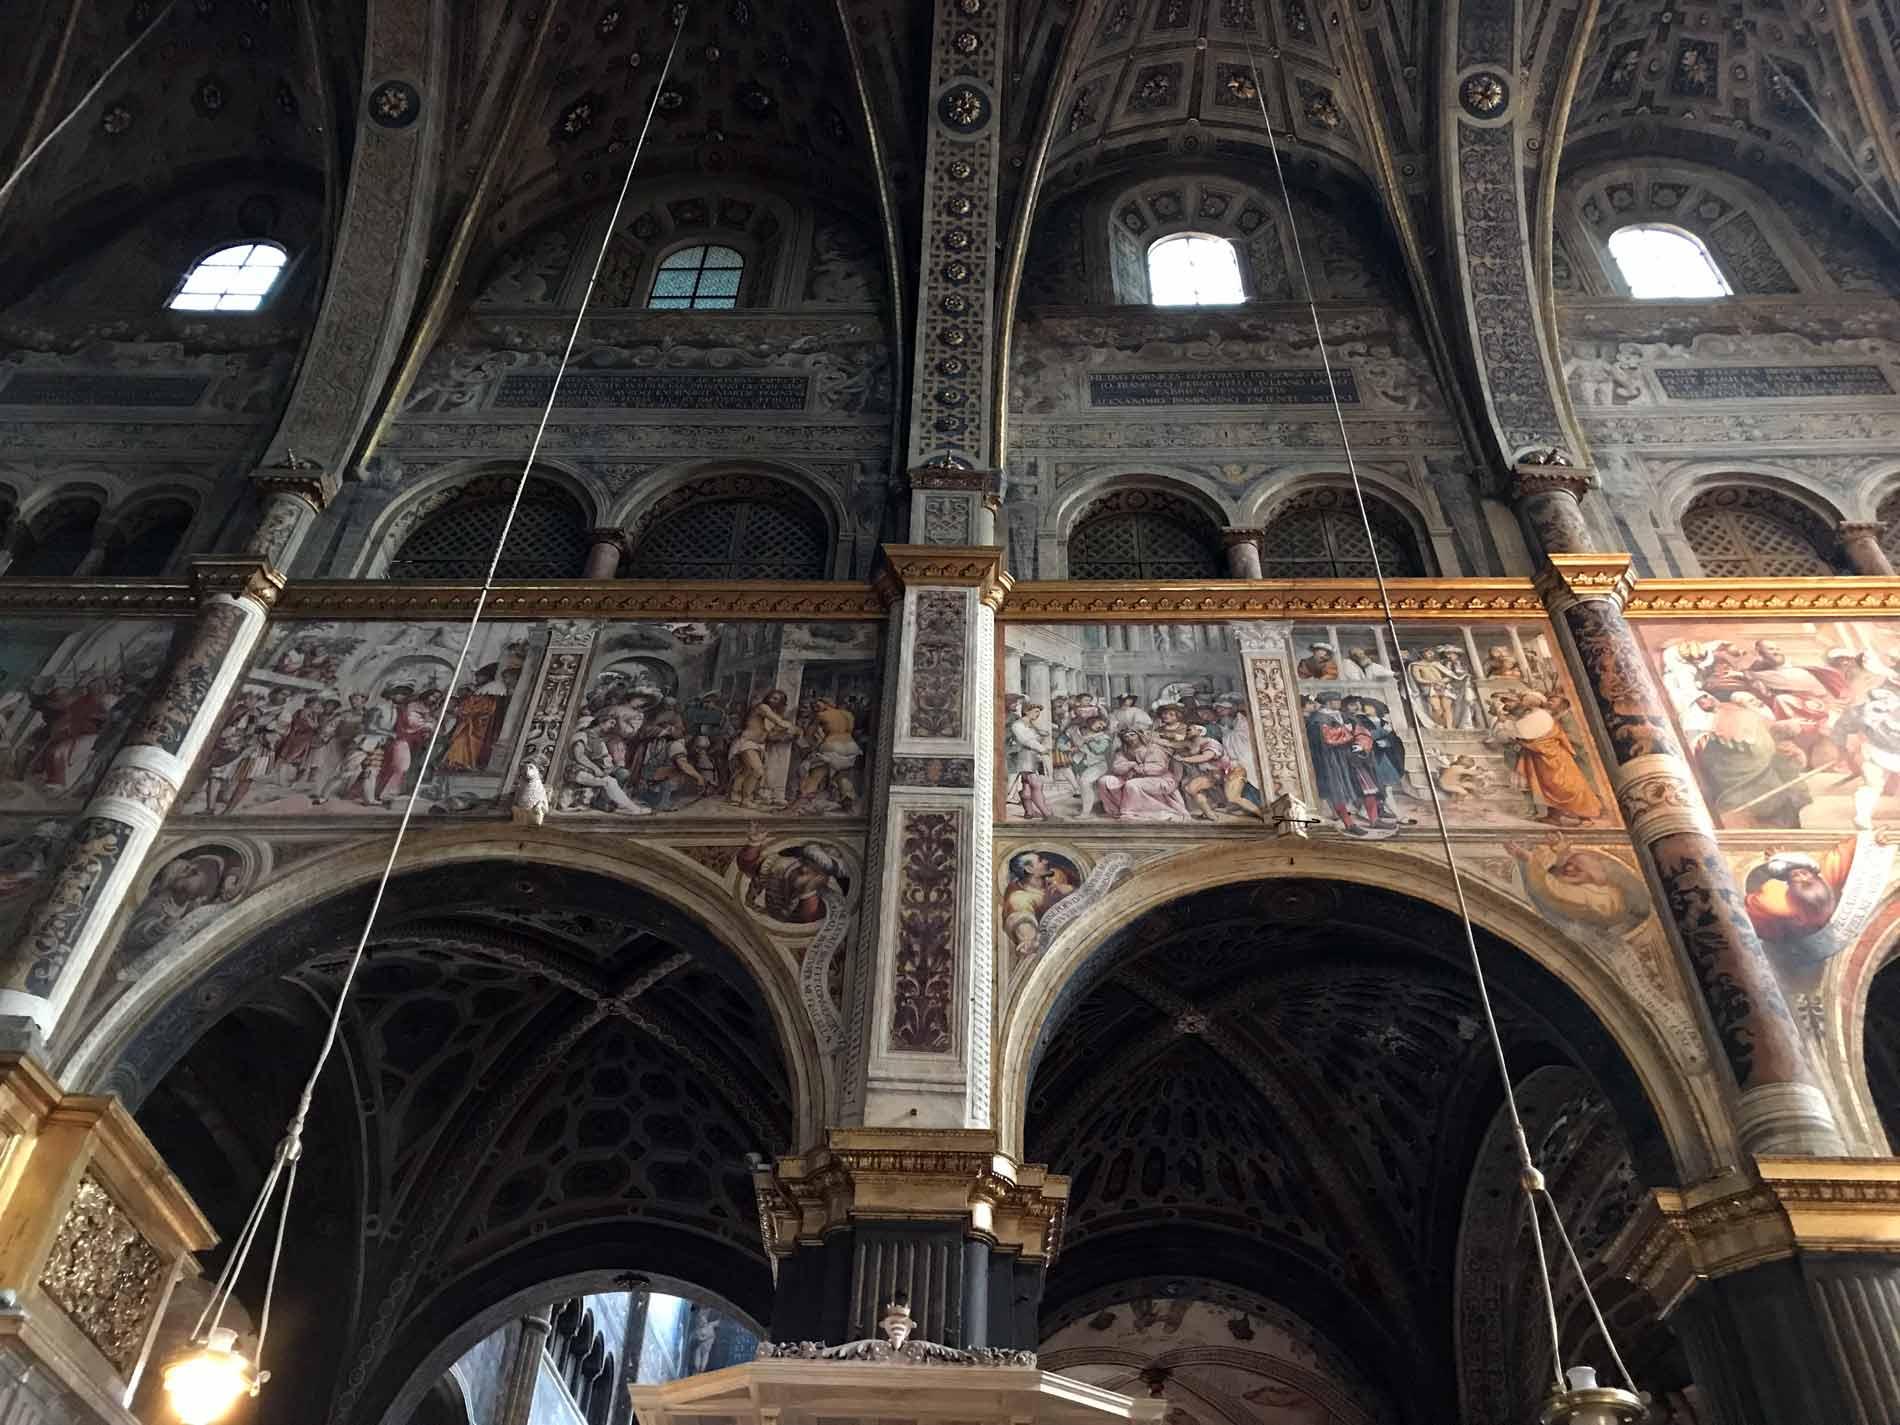 Cattedrale-di-Cremona-affreschi-navata-centrale-vita-della-vergine-e-cristo-romanino-boccaccino-bembo-pordenone